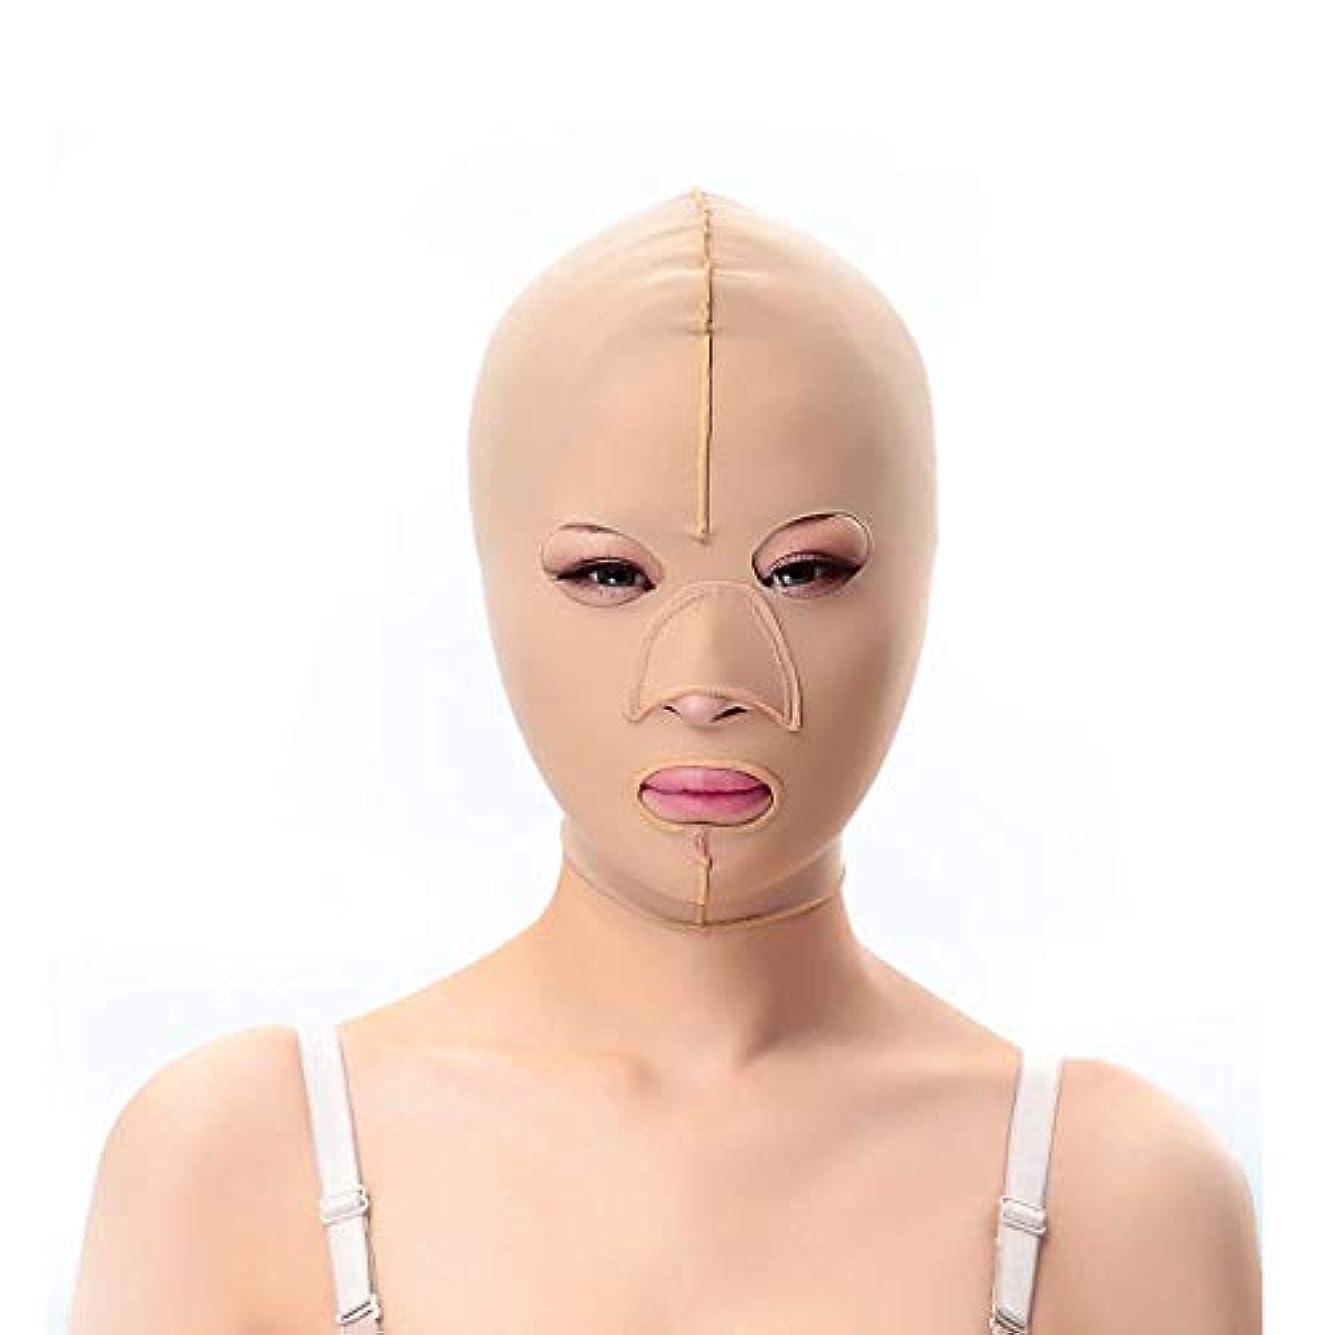 スリミングベルト、二重あごの引き締め顔のプラスチックフェイスアーティファクト強力なフェイス包帯を脇に持ち上げるパターンを欺くためのフェイシャルマスクシンフェイスマスク(サイズ:L),M